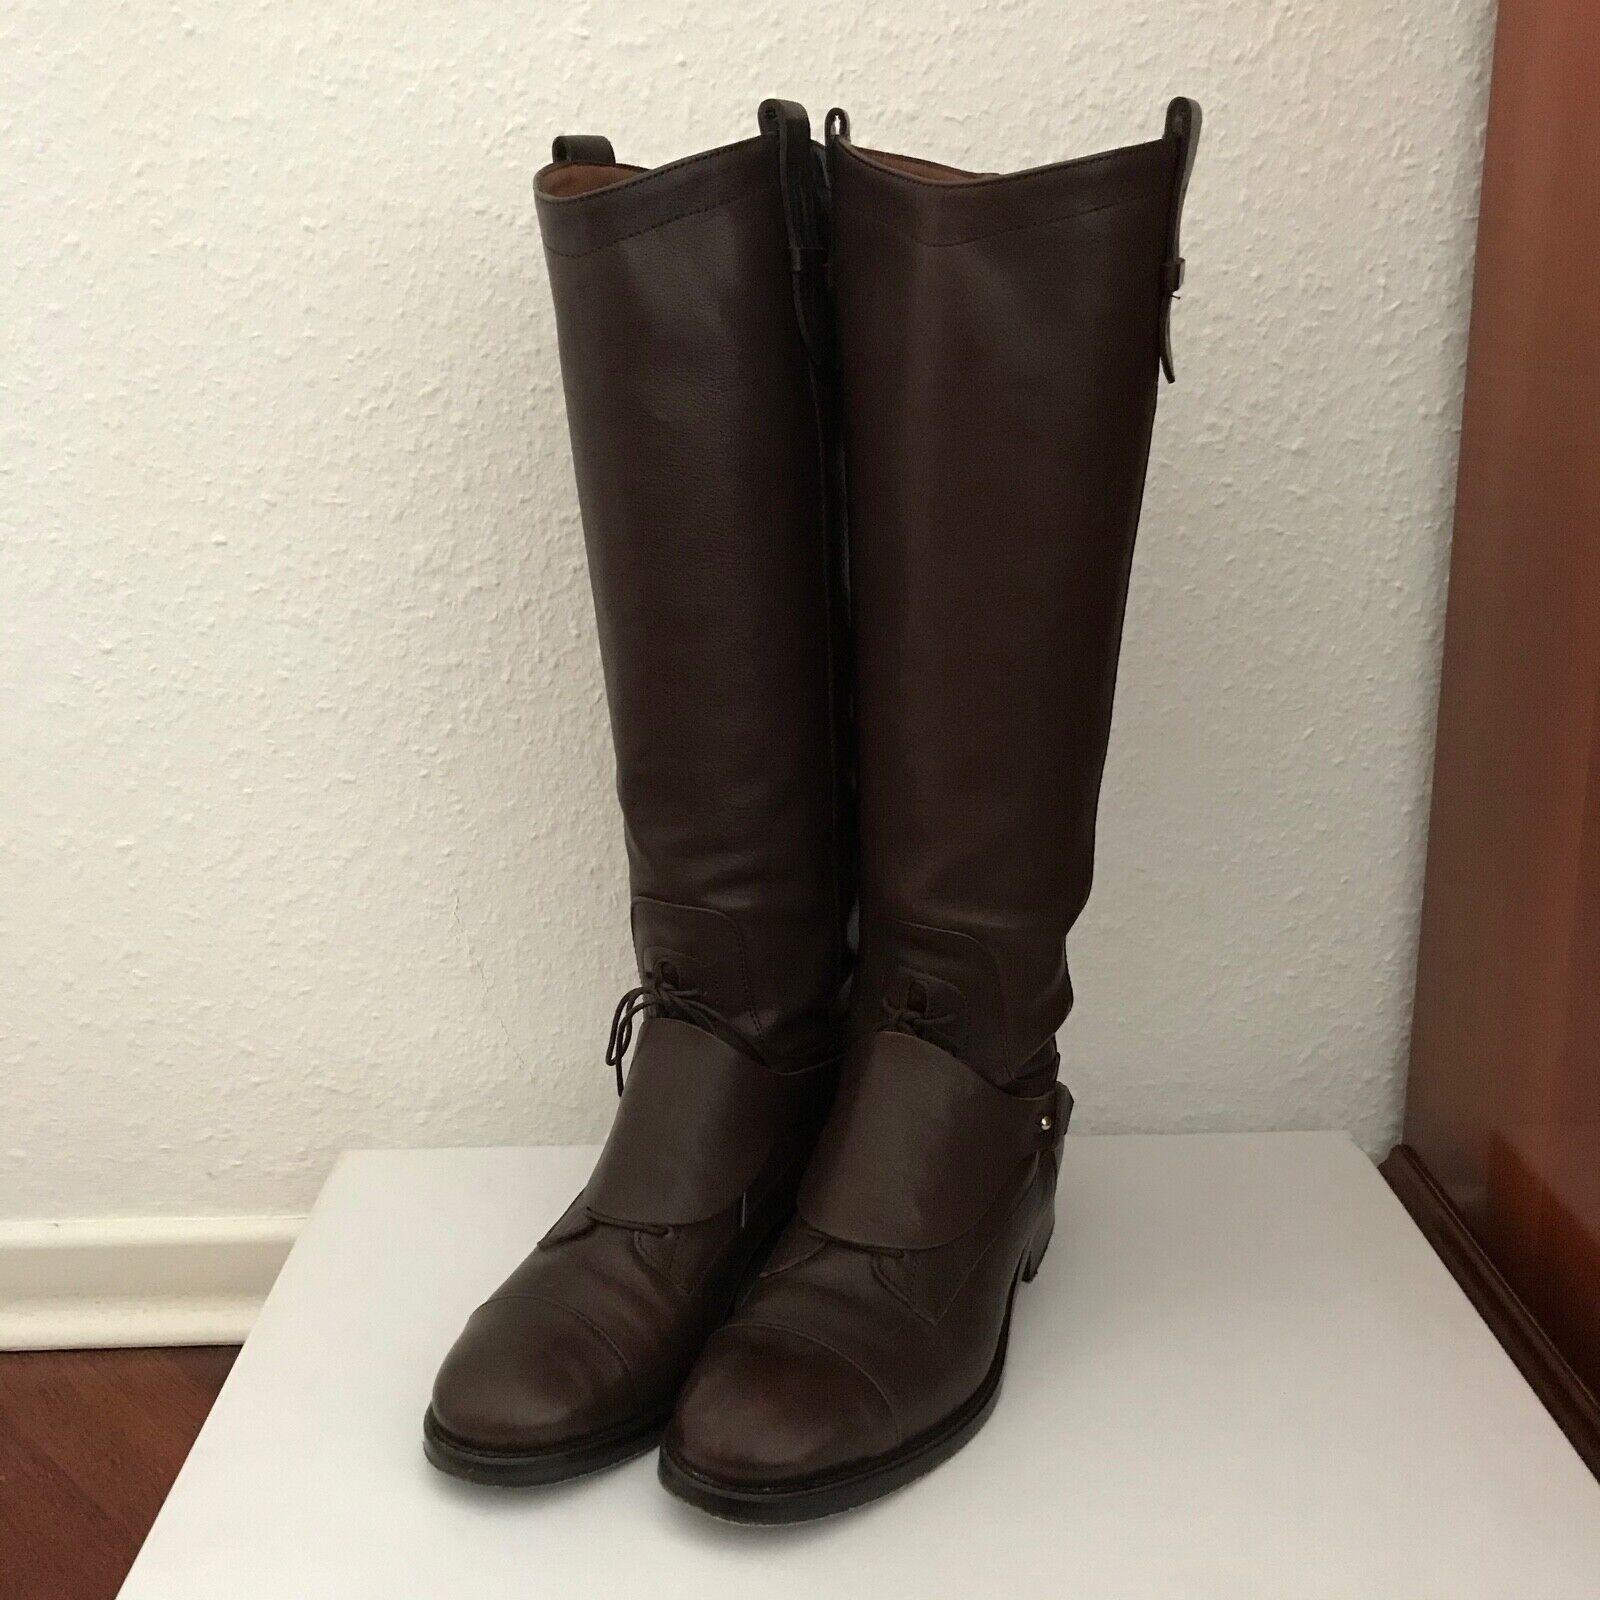 MASSIMO DUTTI Leder Stiefel mit versteckter Schnürung   Braun   Gr. 38